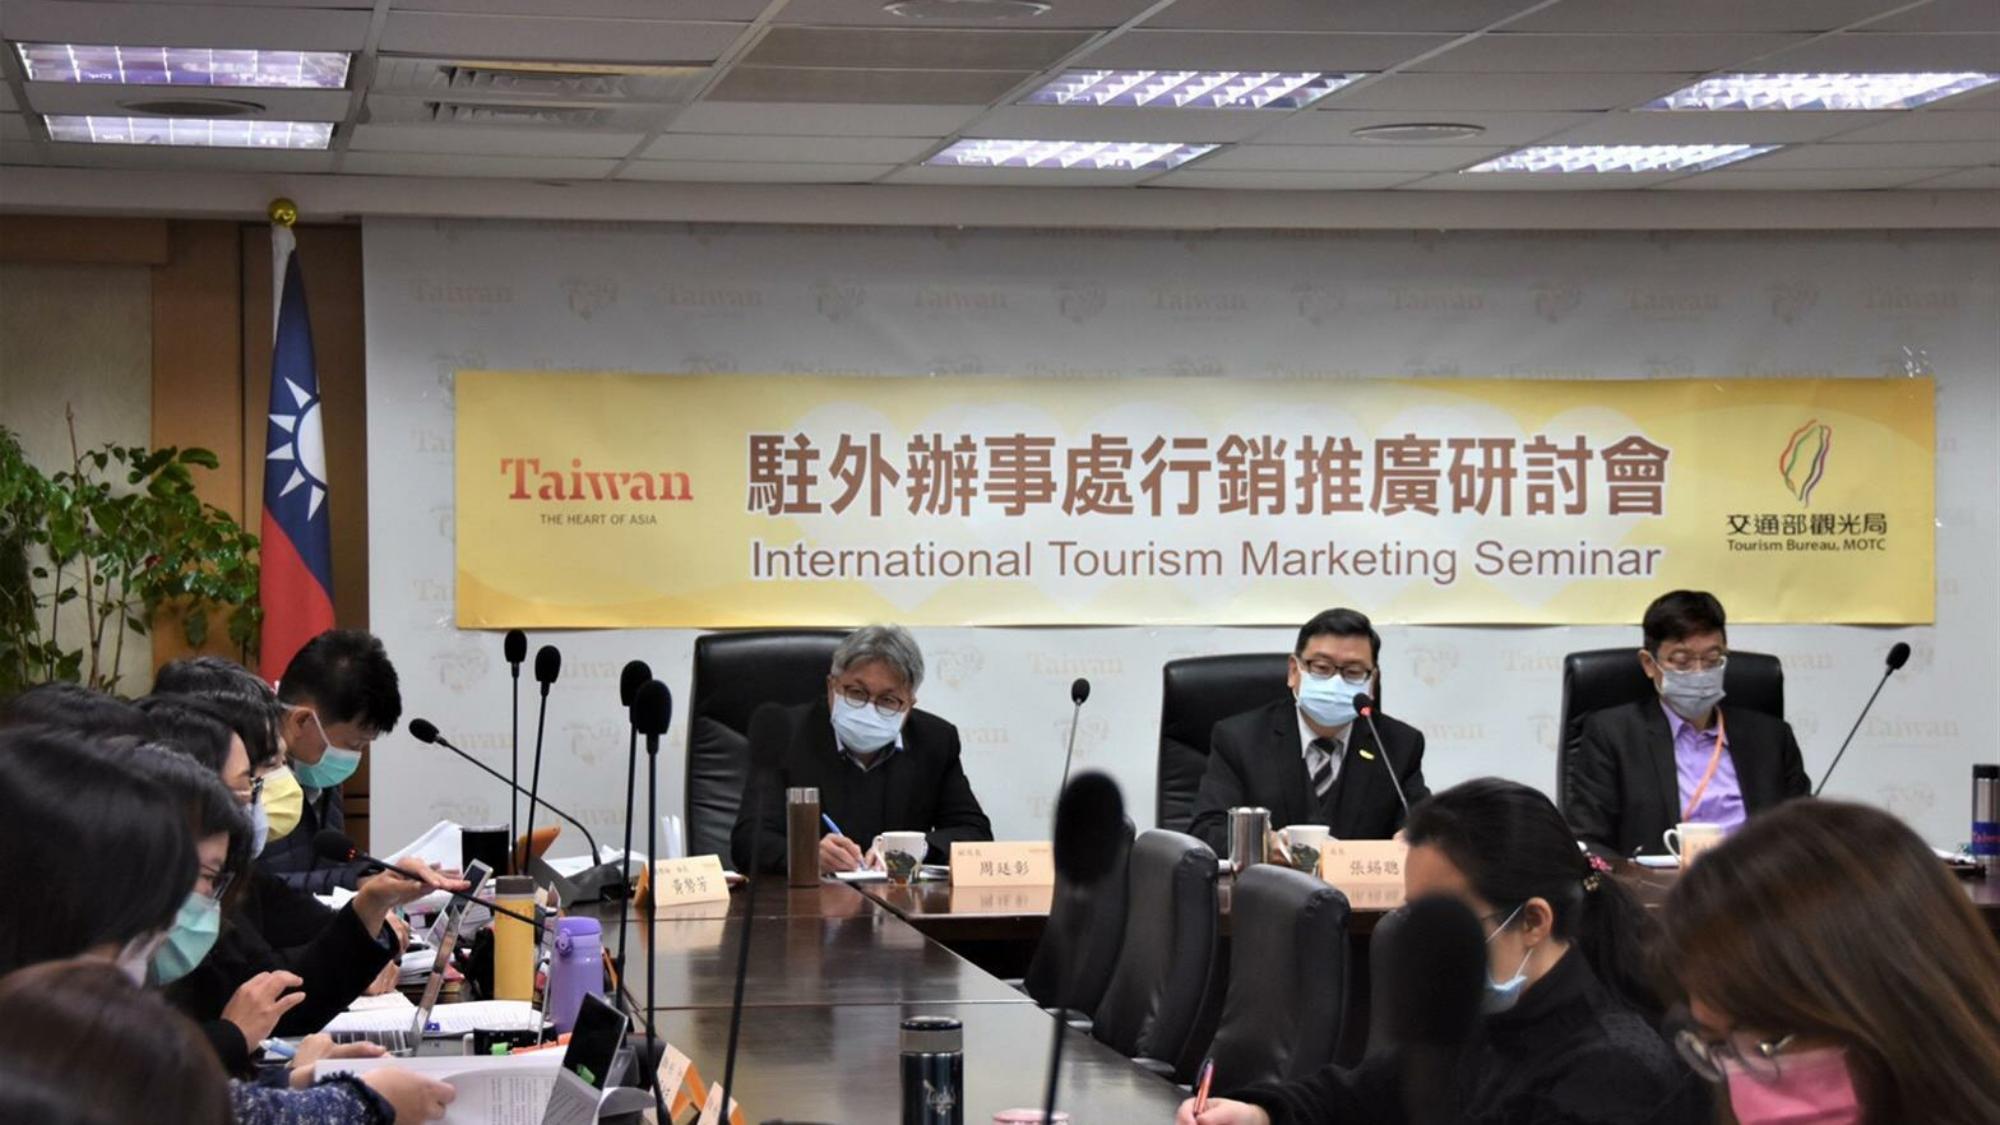 2021 交通部觀光局召集全球15個觀光駐外辦事處視訊會議由張錫聰局長主持